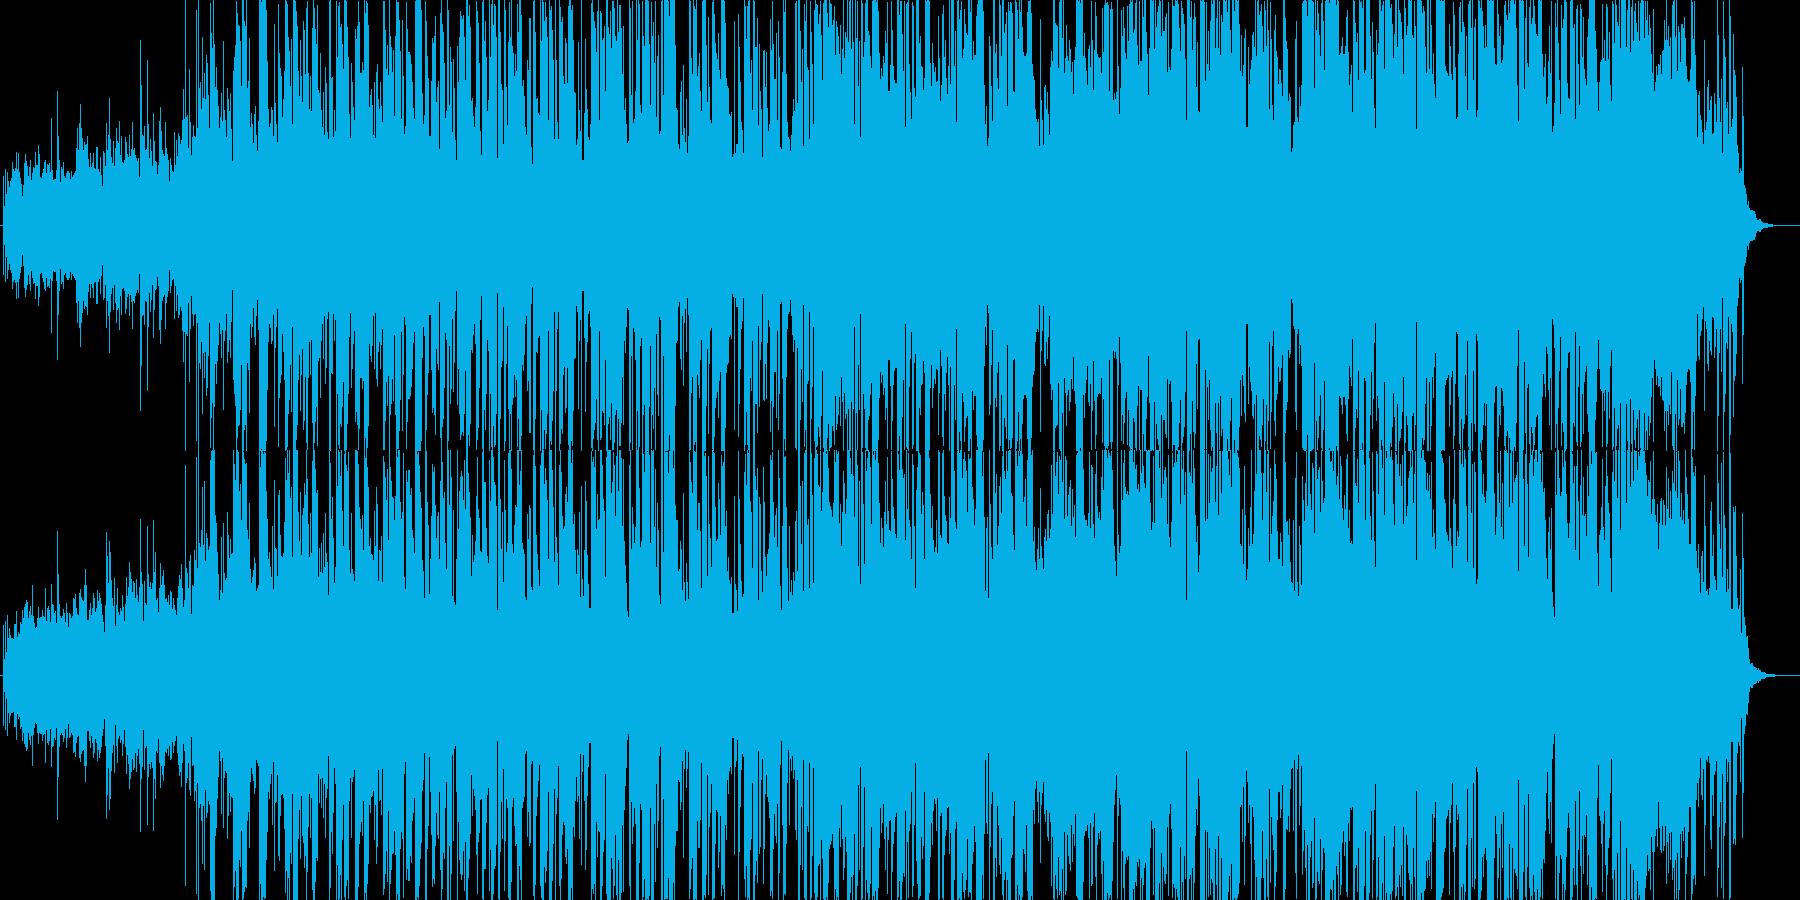 和風な雰囲気のスムースジャズ風の再生済みの波形